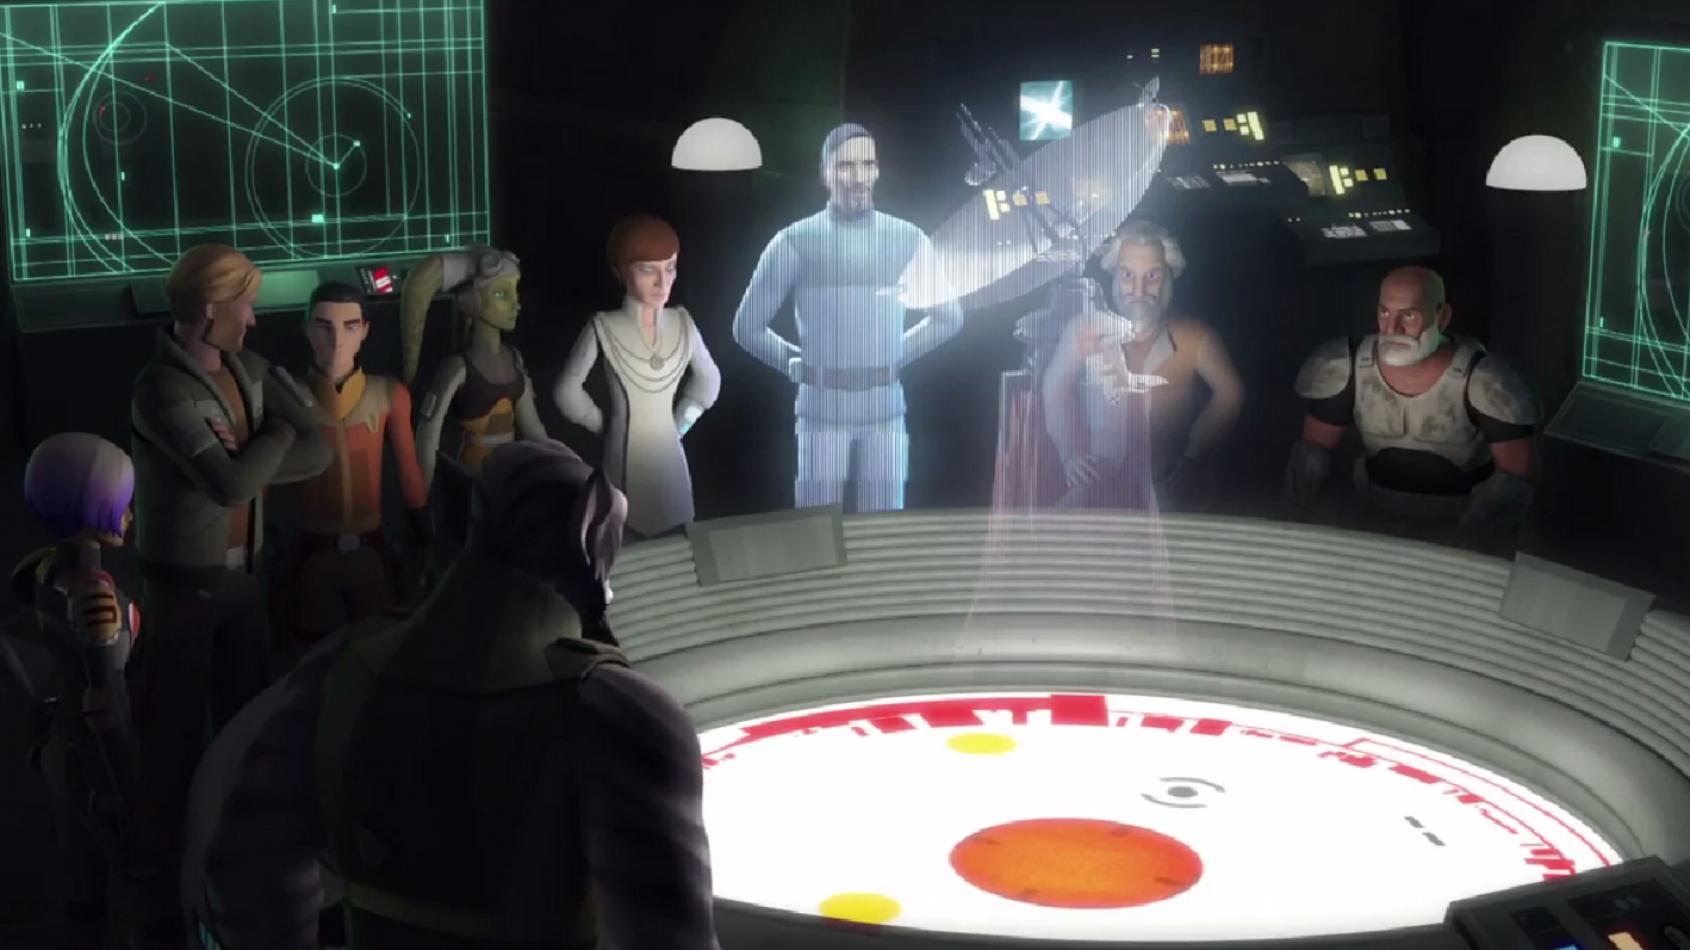 Nouveau trailer pour Star Wars Rebels